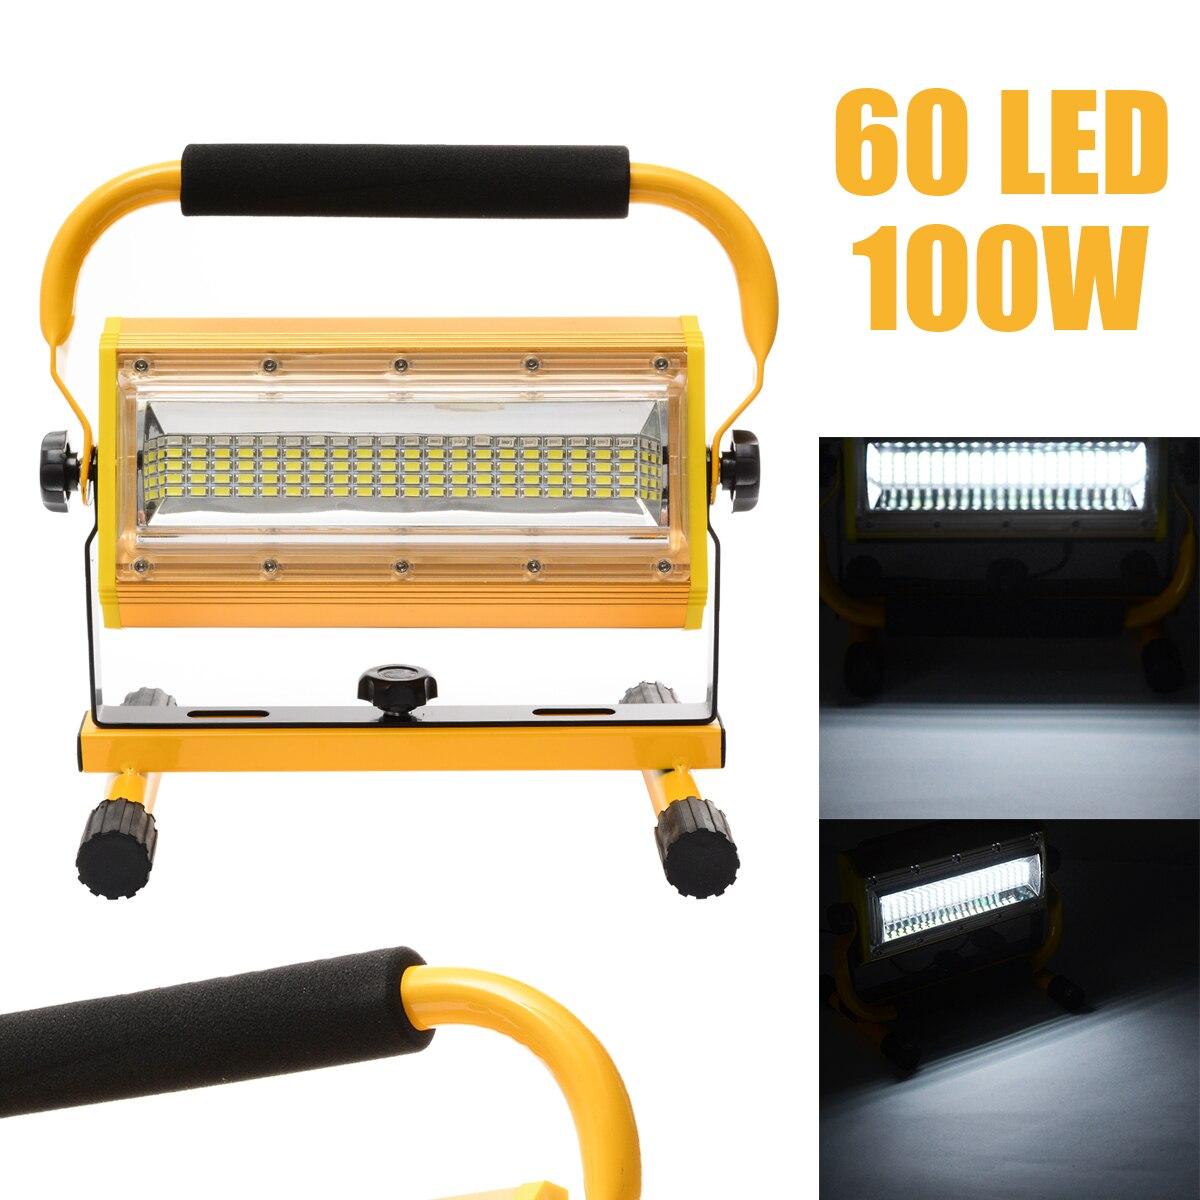 Projecteur de Camping extérieur de secours de tache de lumière d'inondation de travail Rechargeable portative de 100 W 60 LED Mayitr